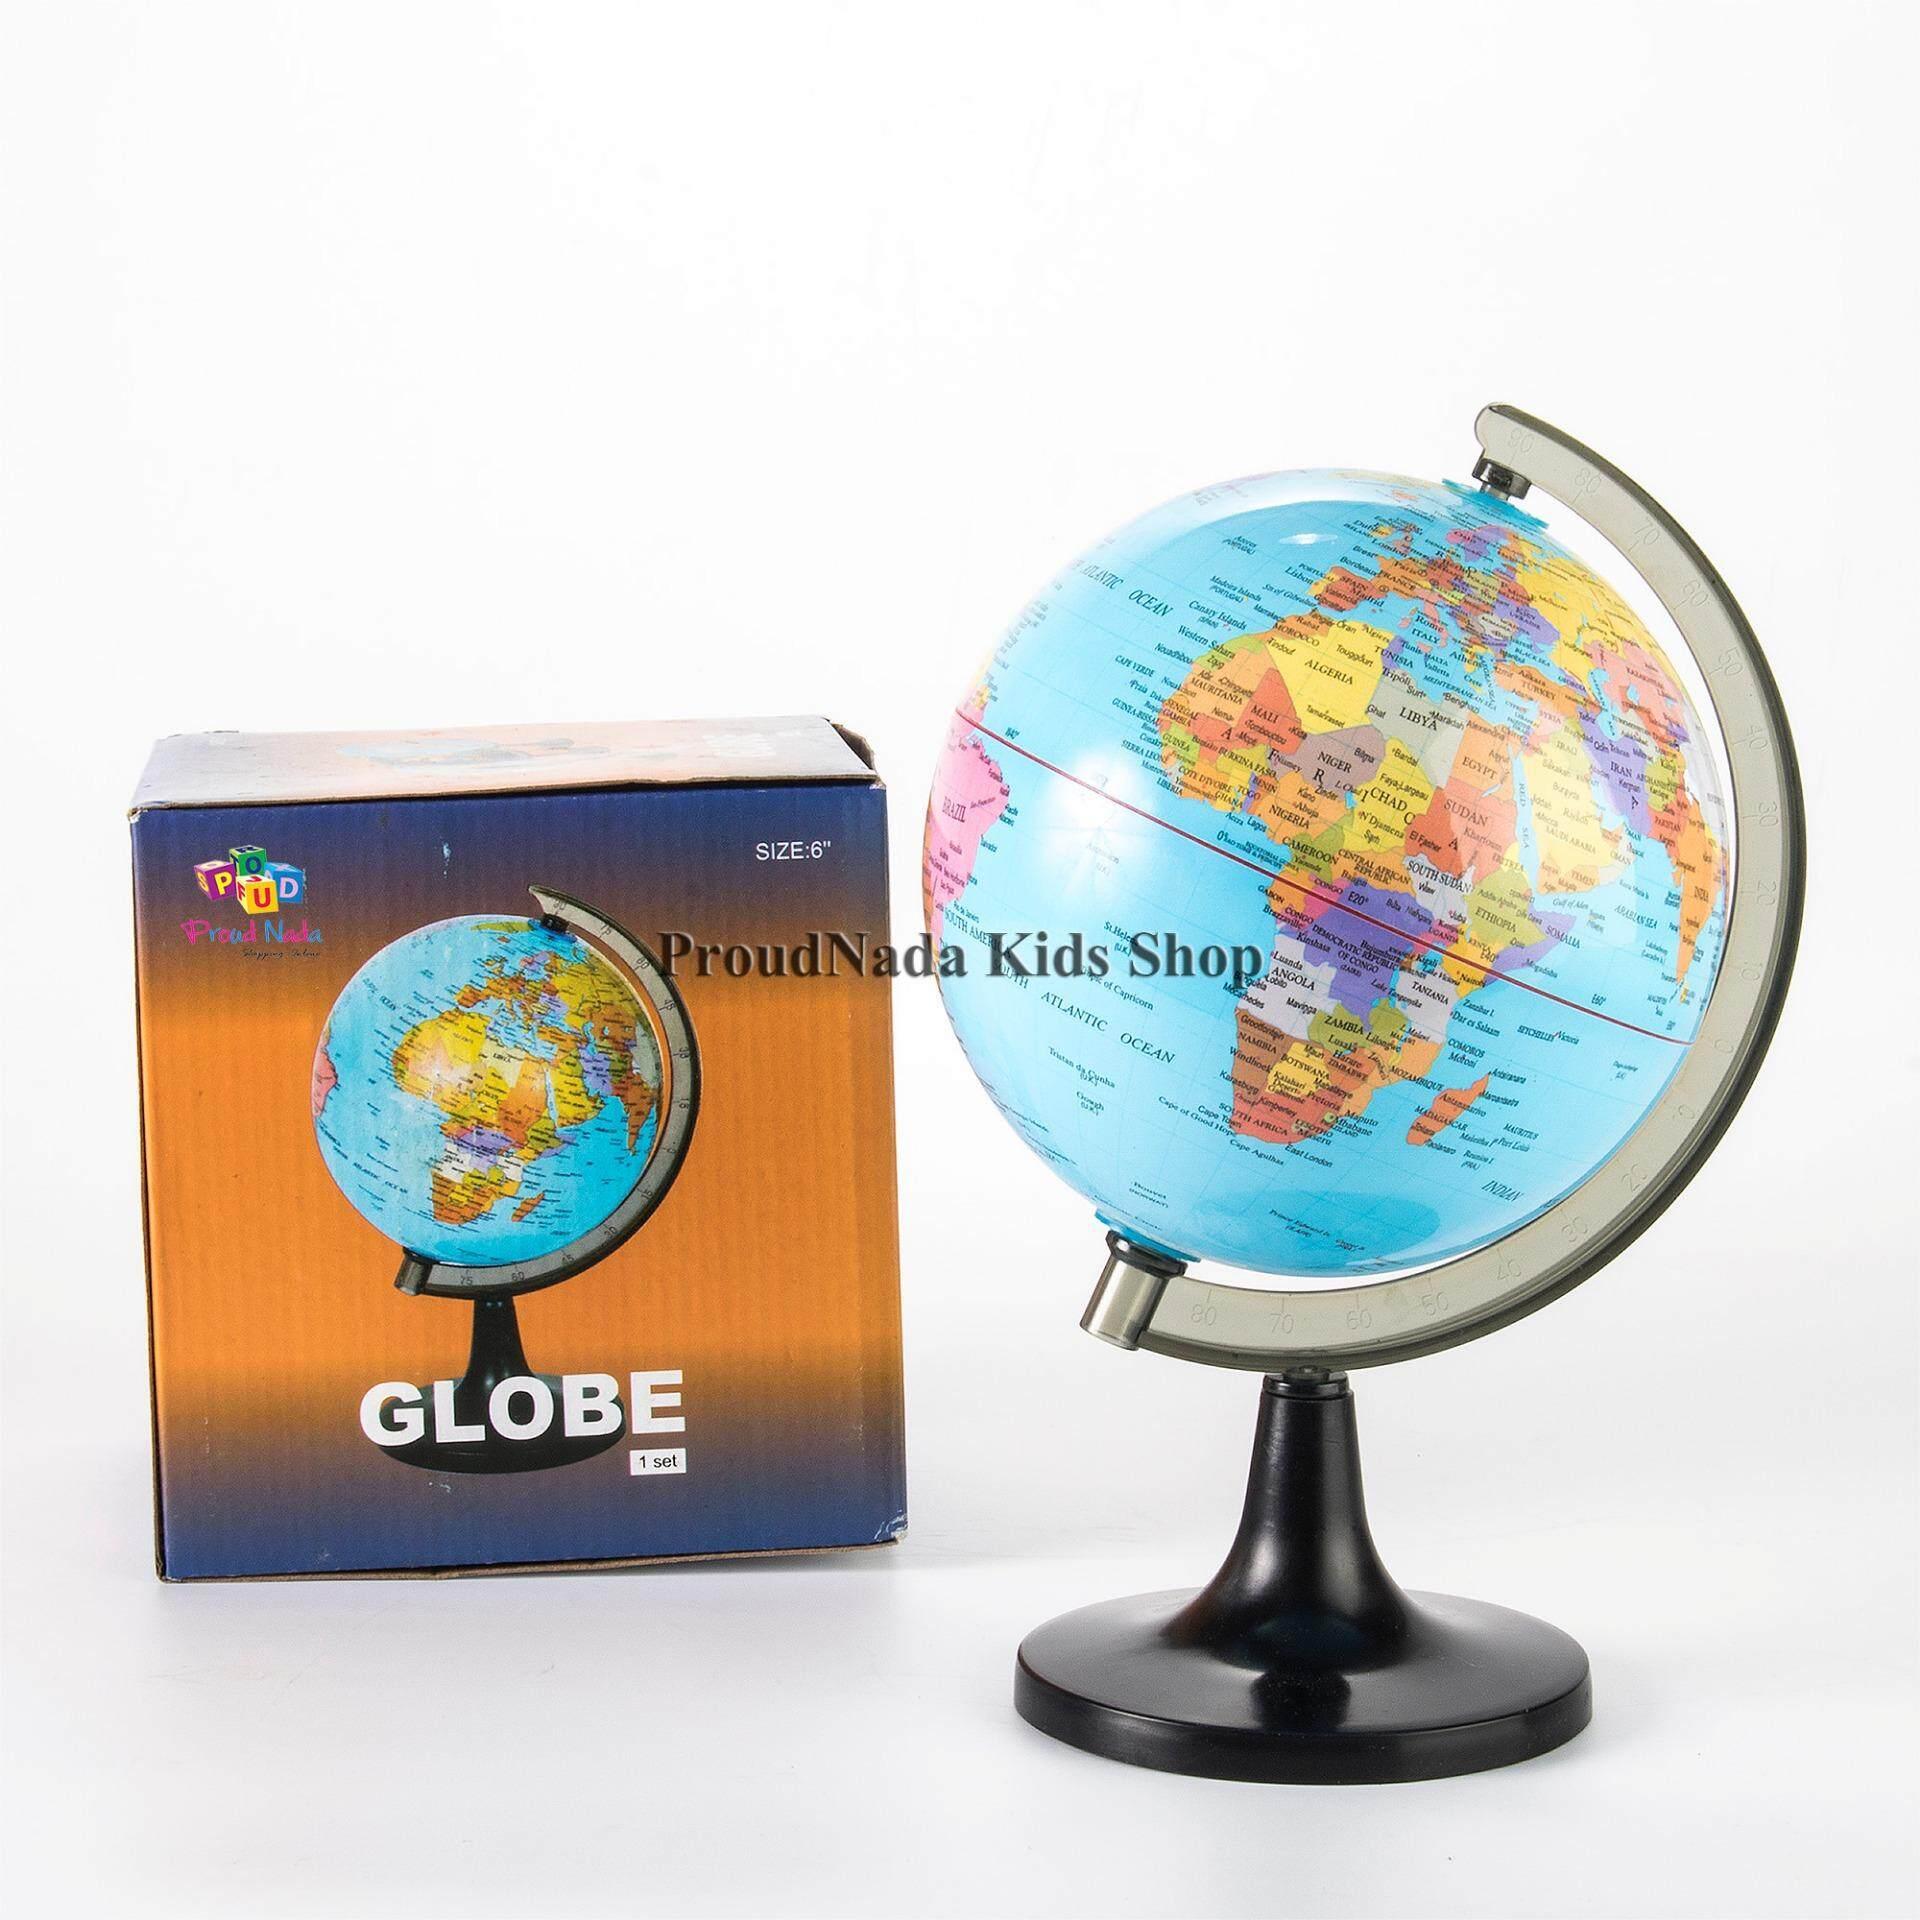 Proudnada Toys ของเล่นเด็กชุดแผนที่ทวีปลูกโลกขนาด 6 นิ้ว(สีฟ้า) Globe.